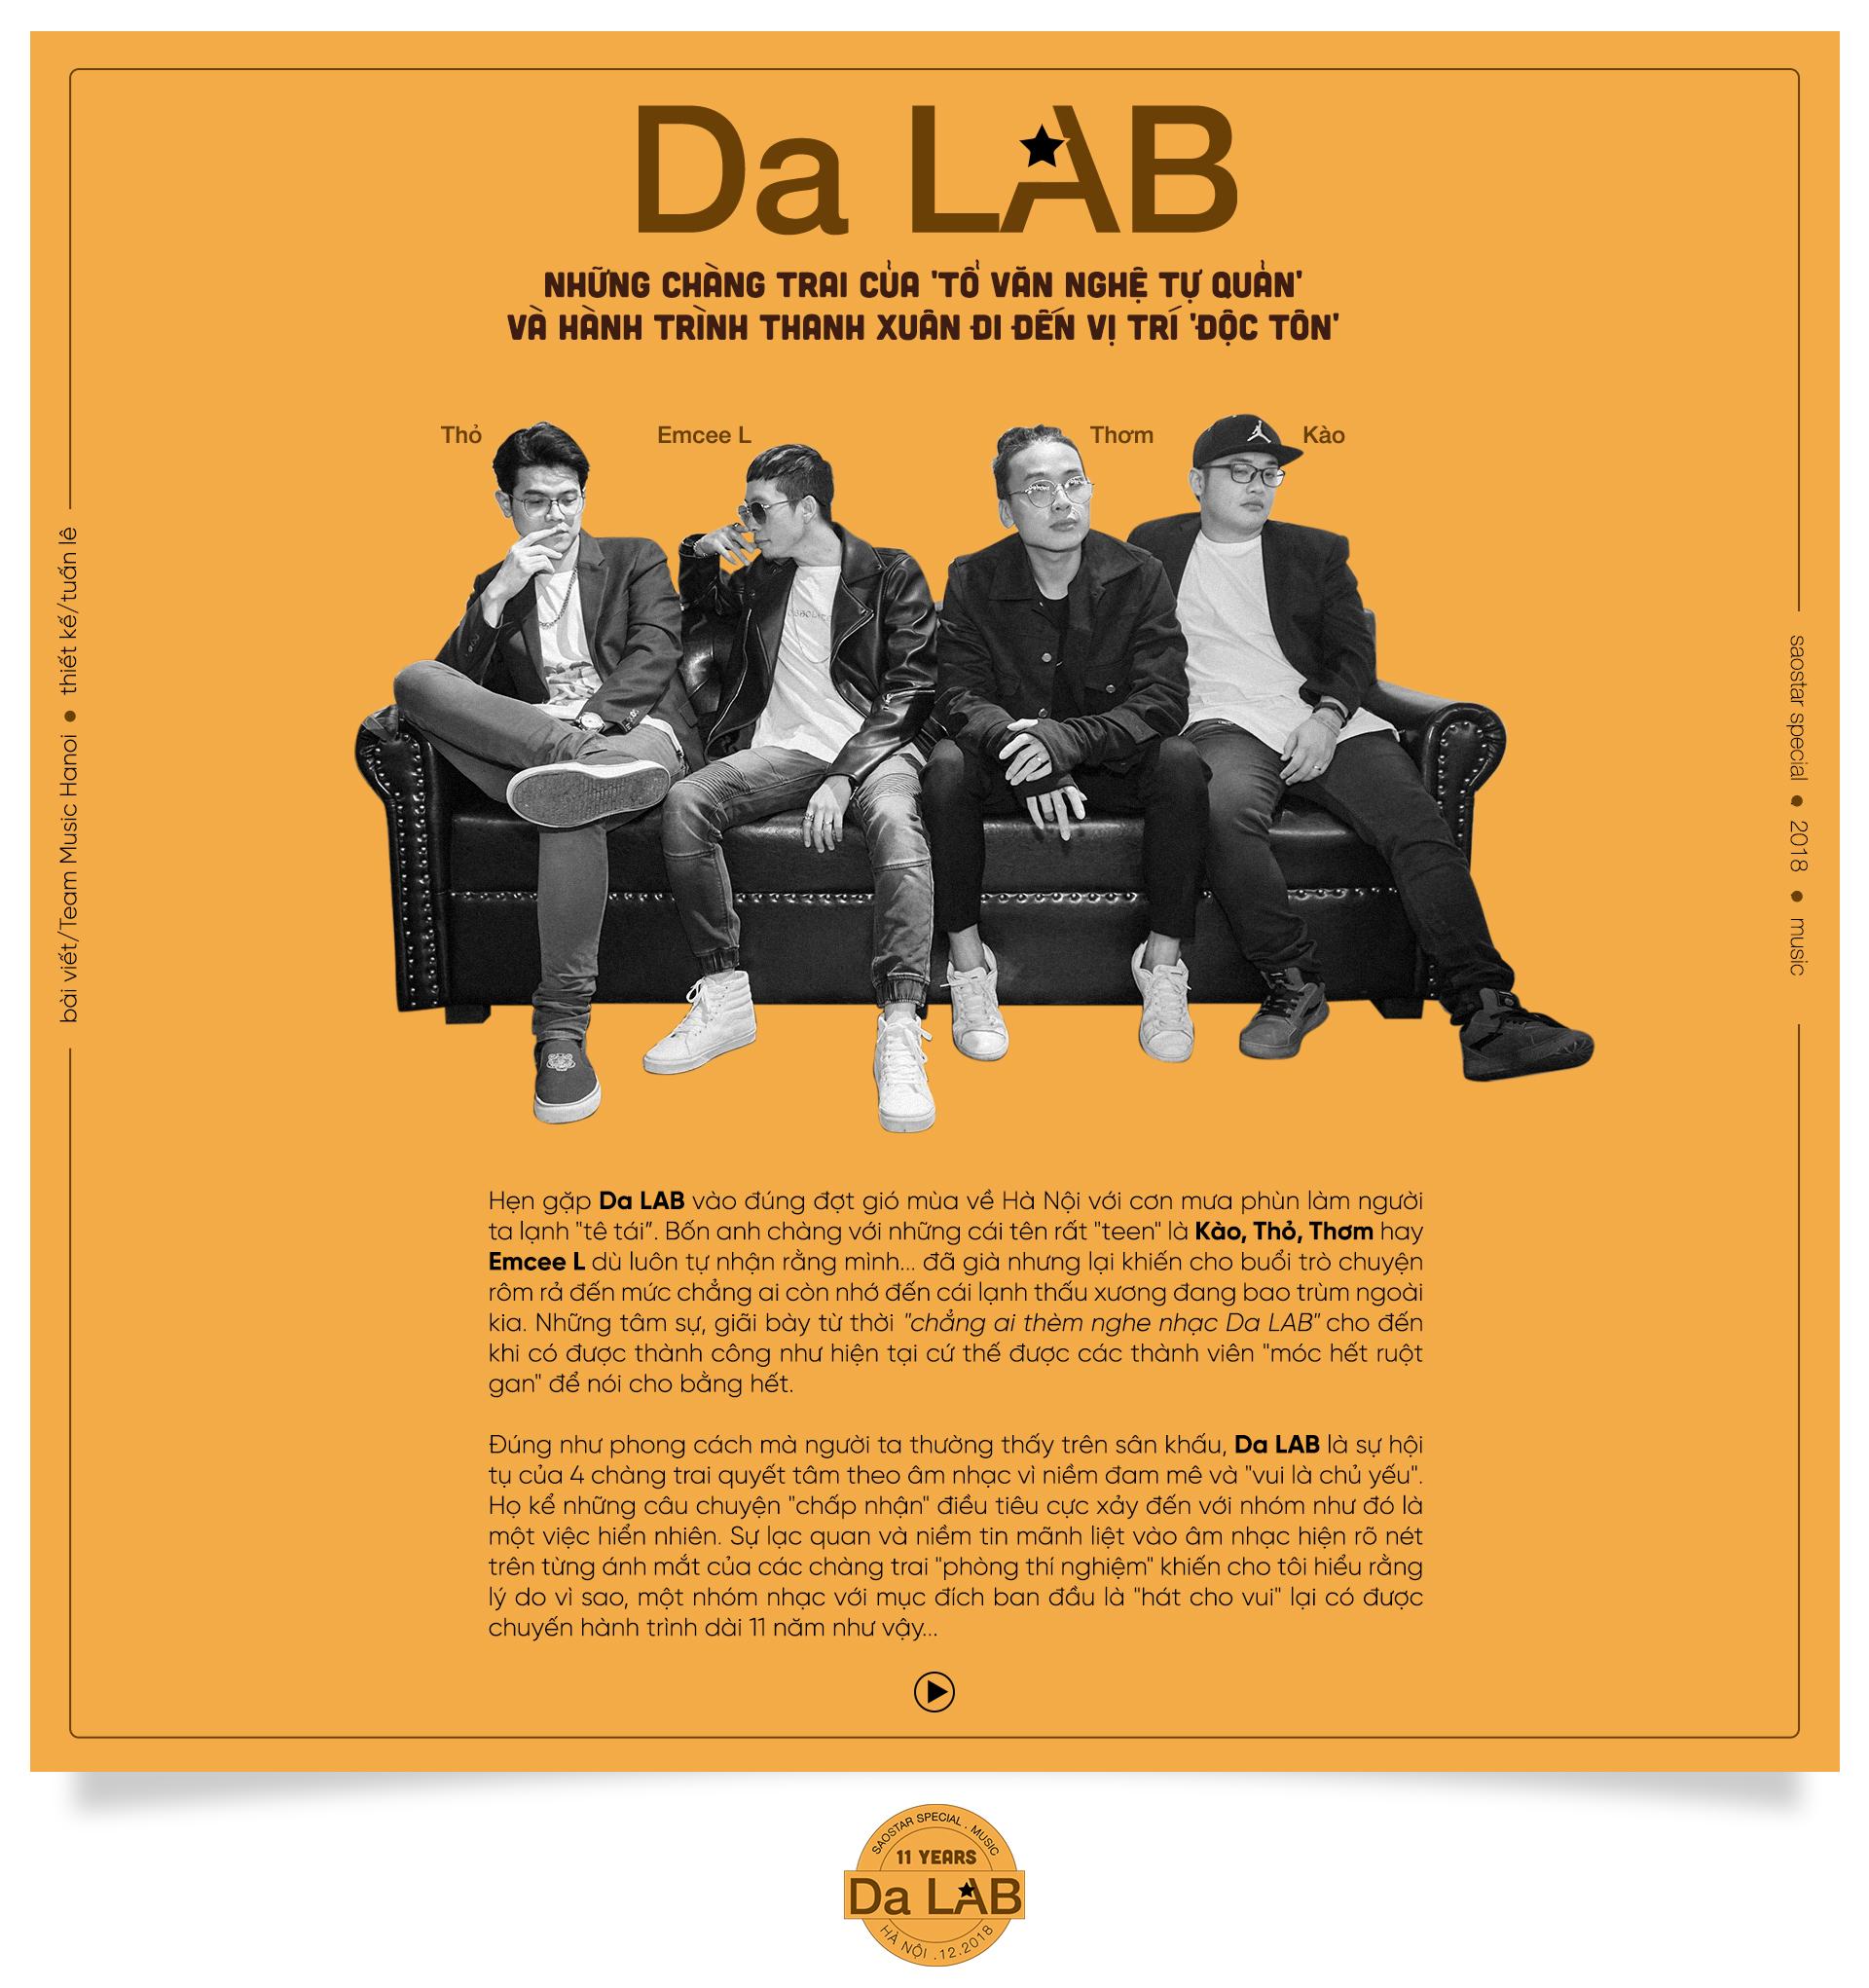 Da LAB: 'Tổ văn nghệ tự quản' và hành trình thanh xuân nhắm thẳng vị trí độc tôn